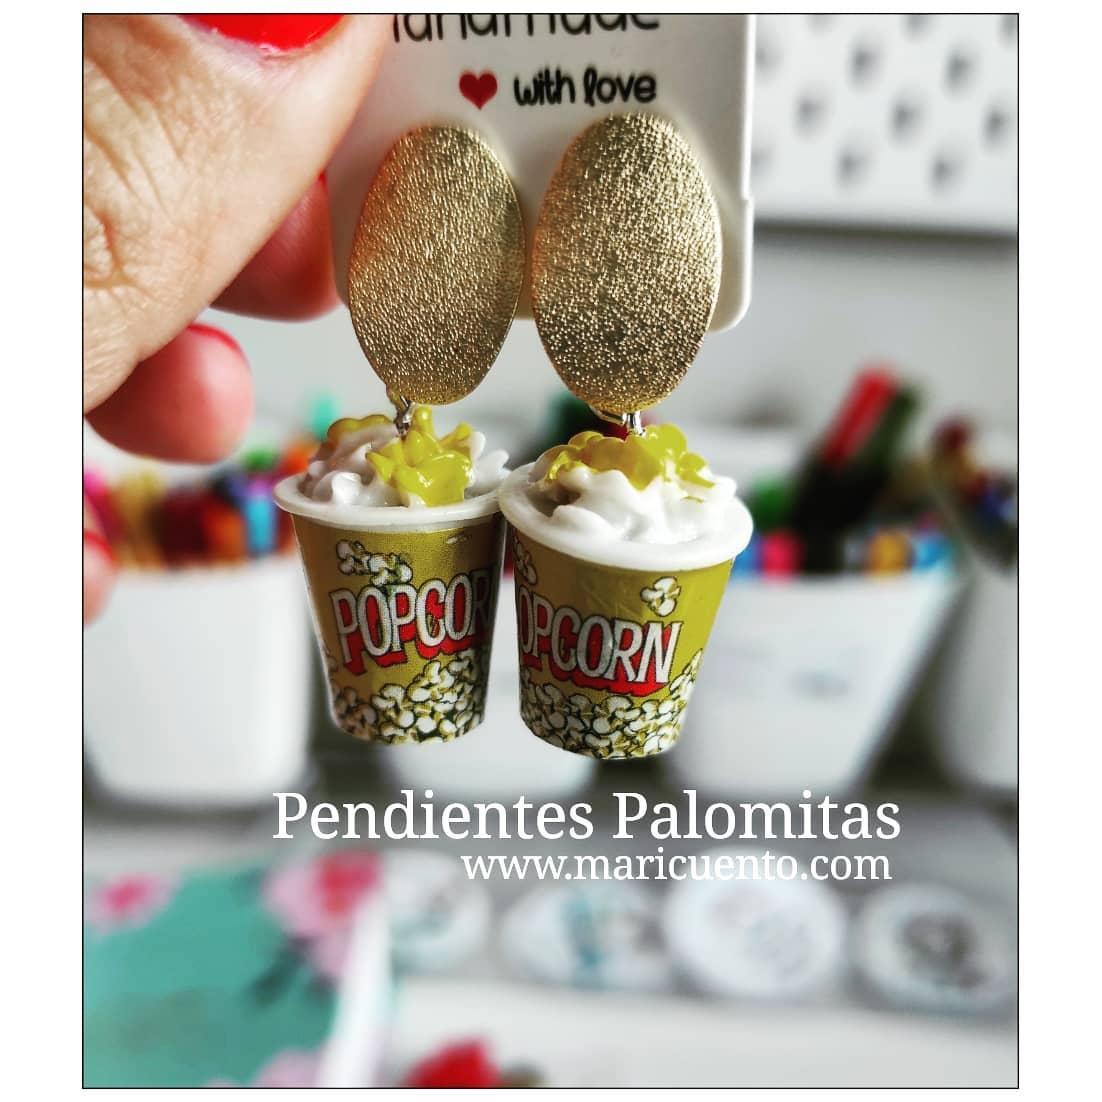 Pendientes Palomitas